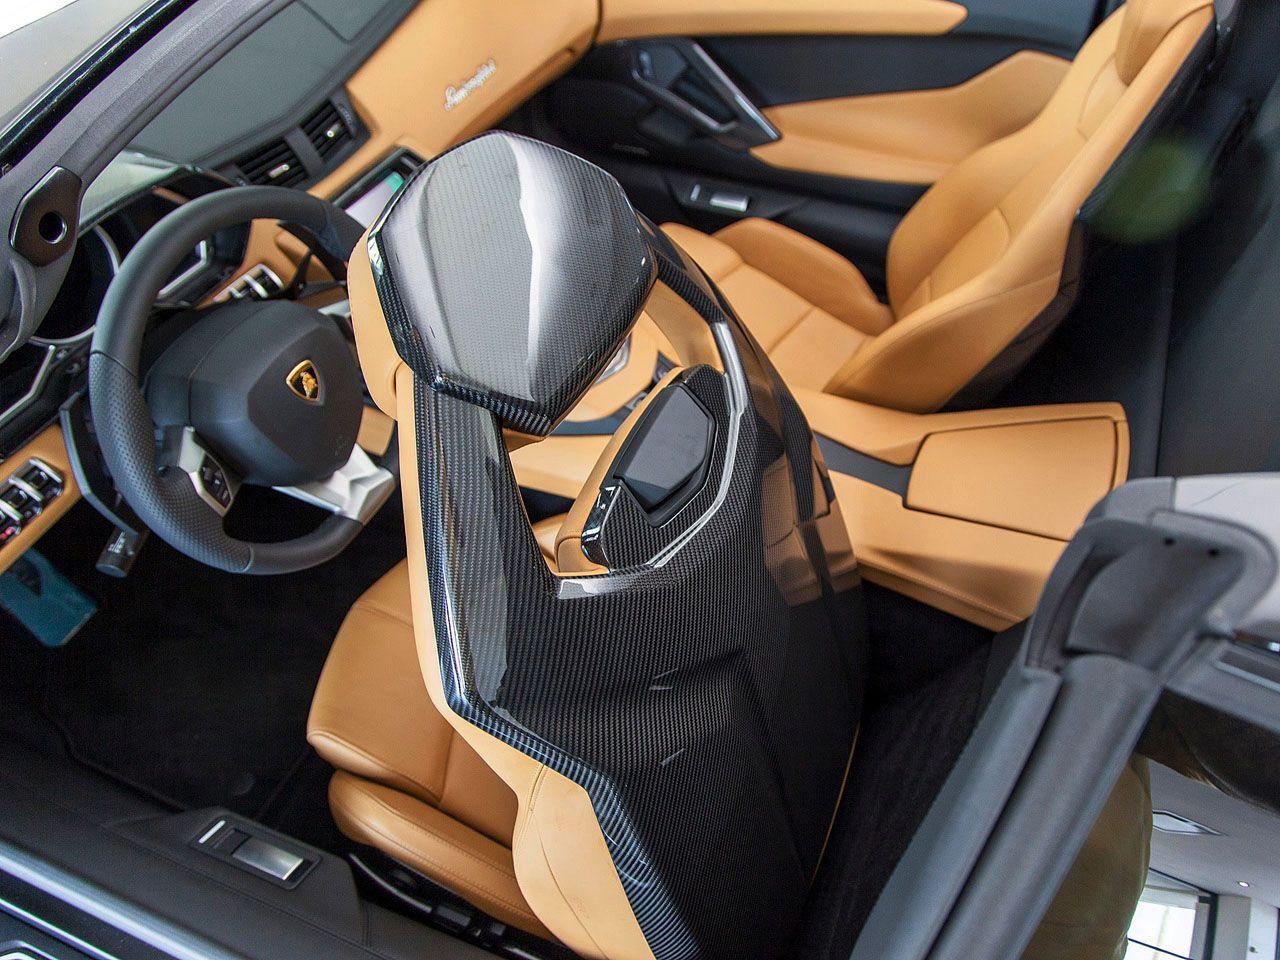 lamborghini car seat design - Google 검색 | 车 | Pinterest ...